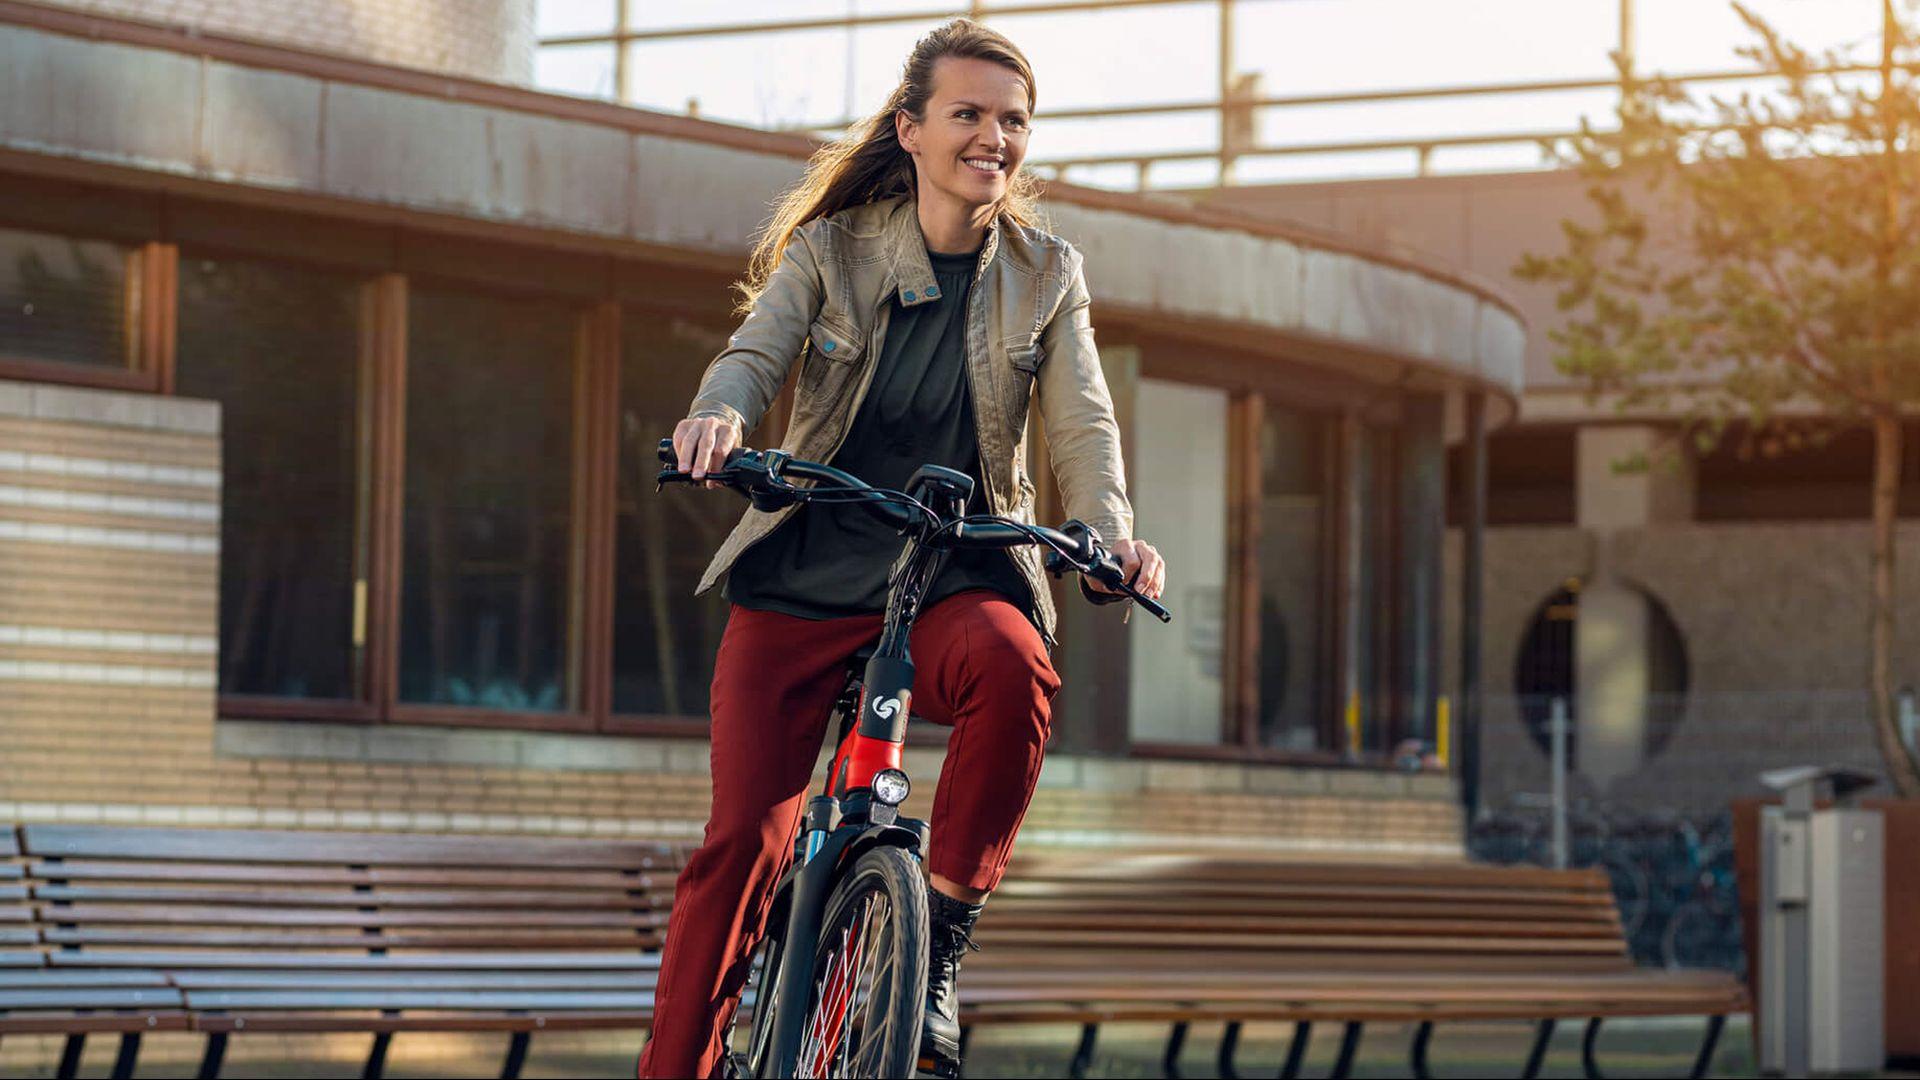 Vrouw op D-Burst van Sparta fietst door bocht in de stad